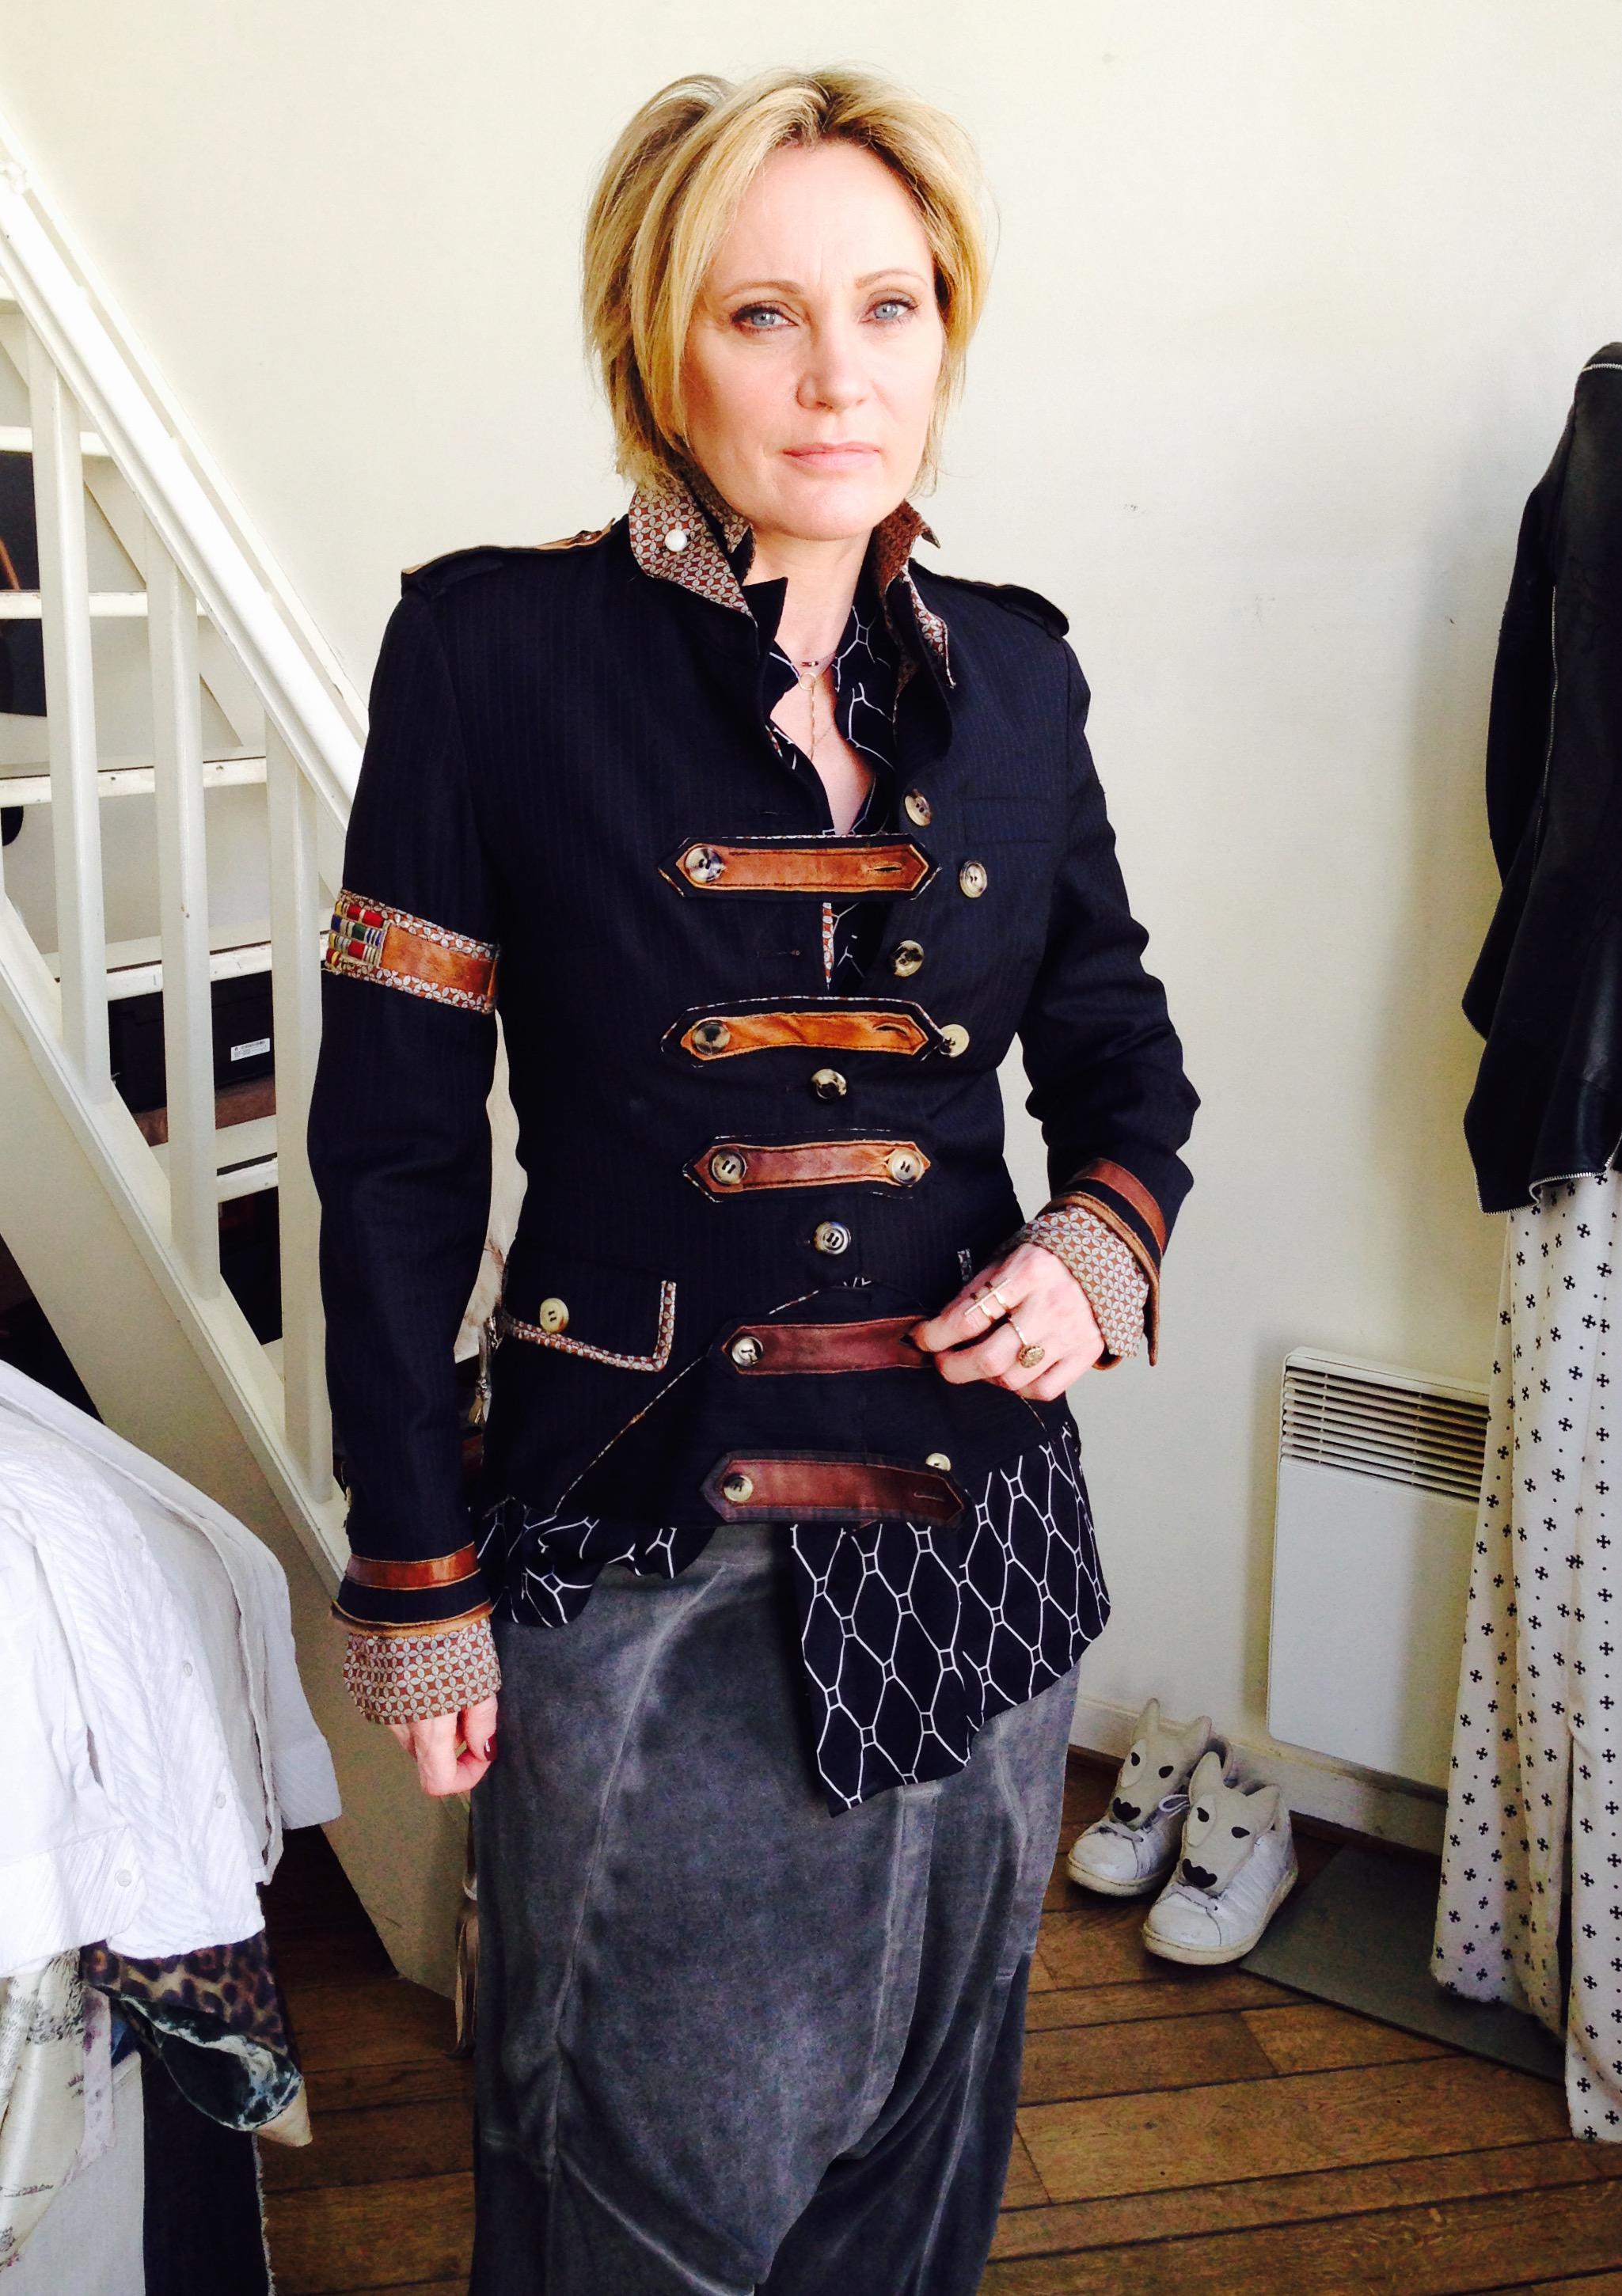 Le Kimono De Patricia Kaas Dans On N Est Pas Couch 233 C Est